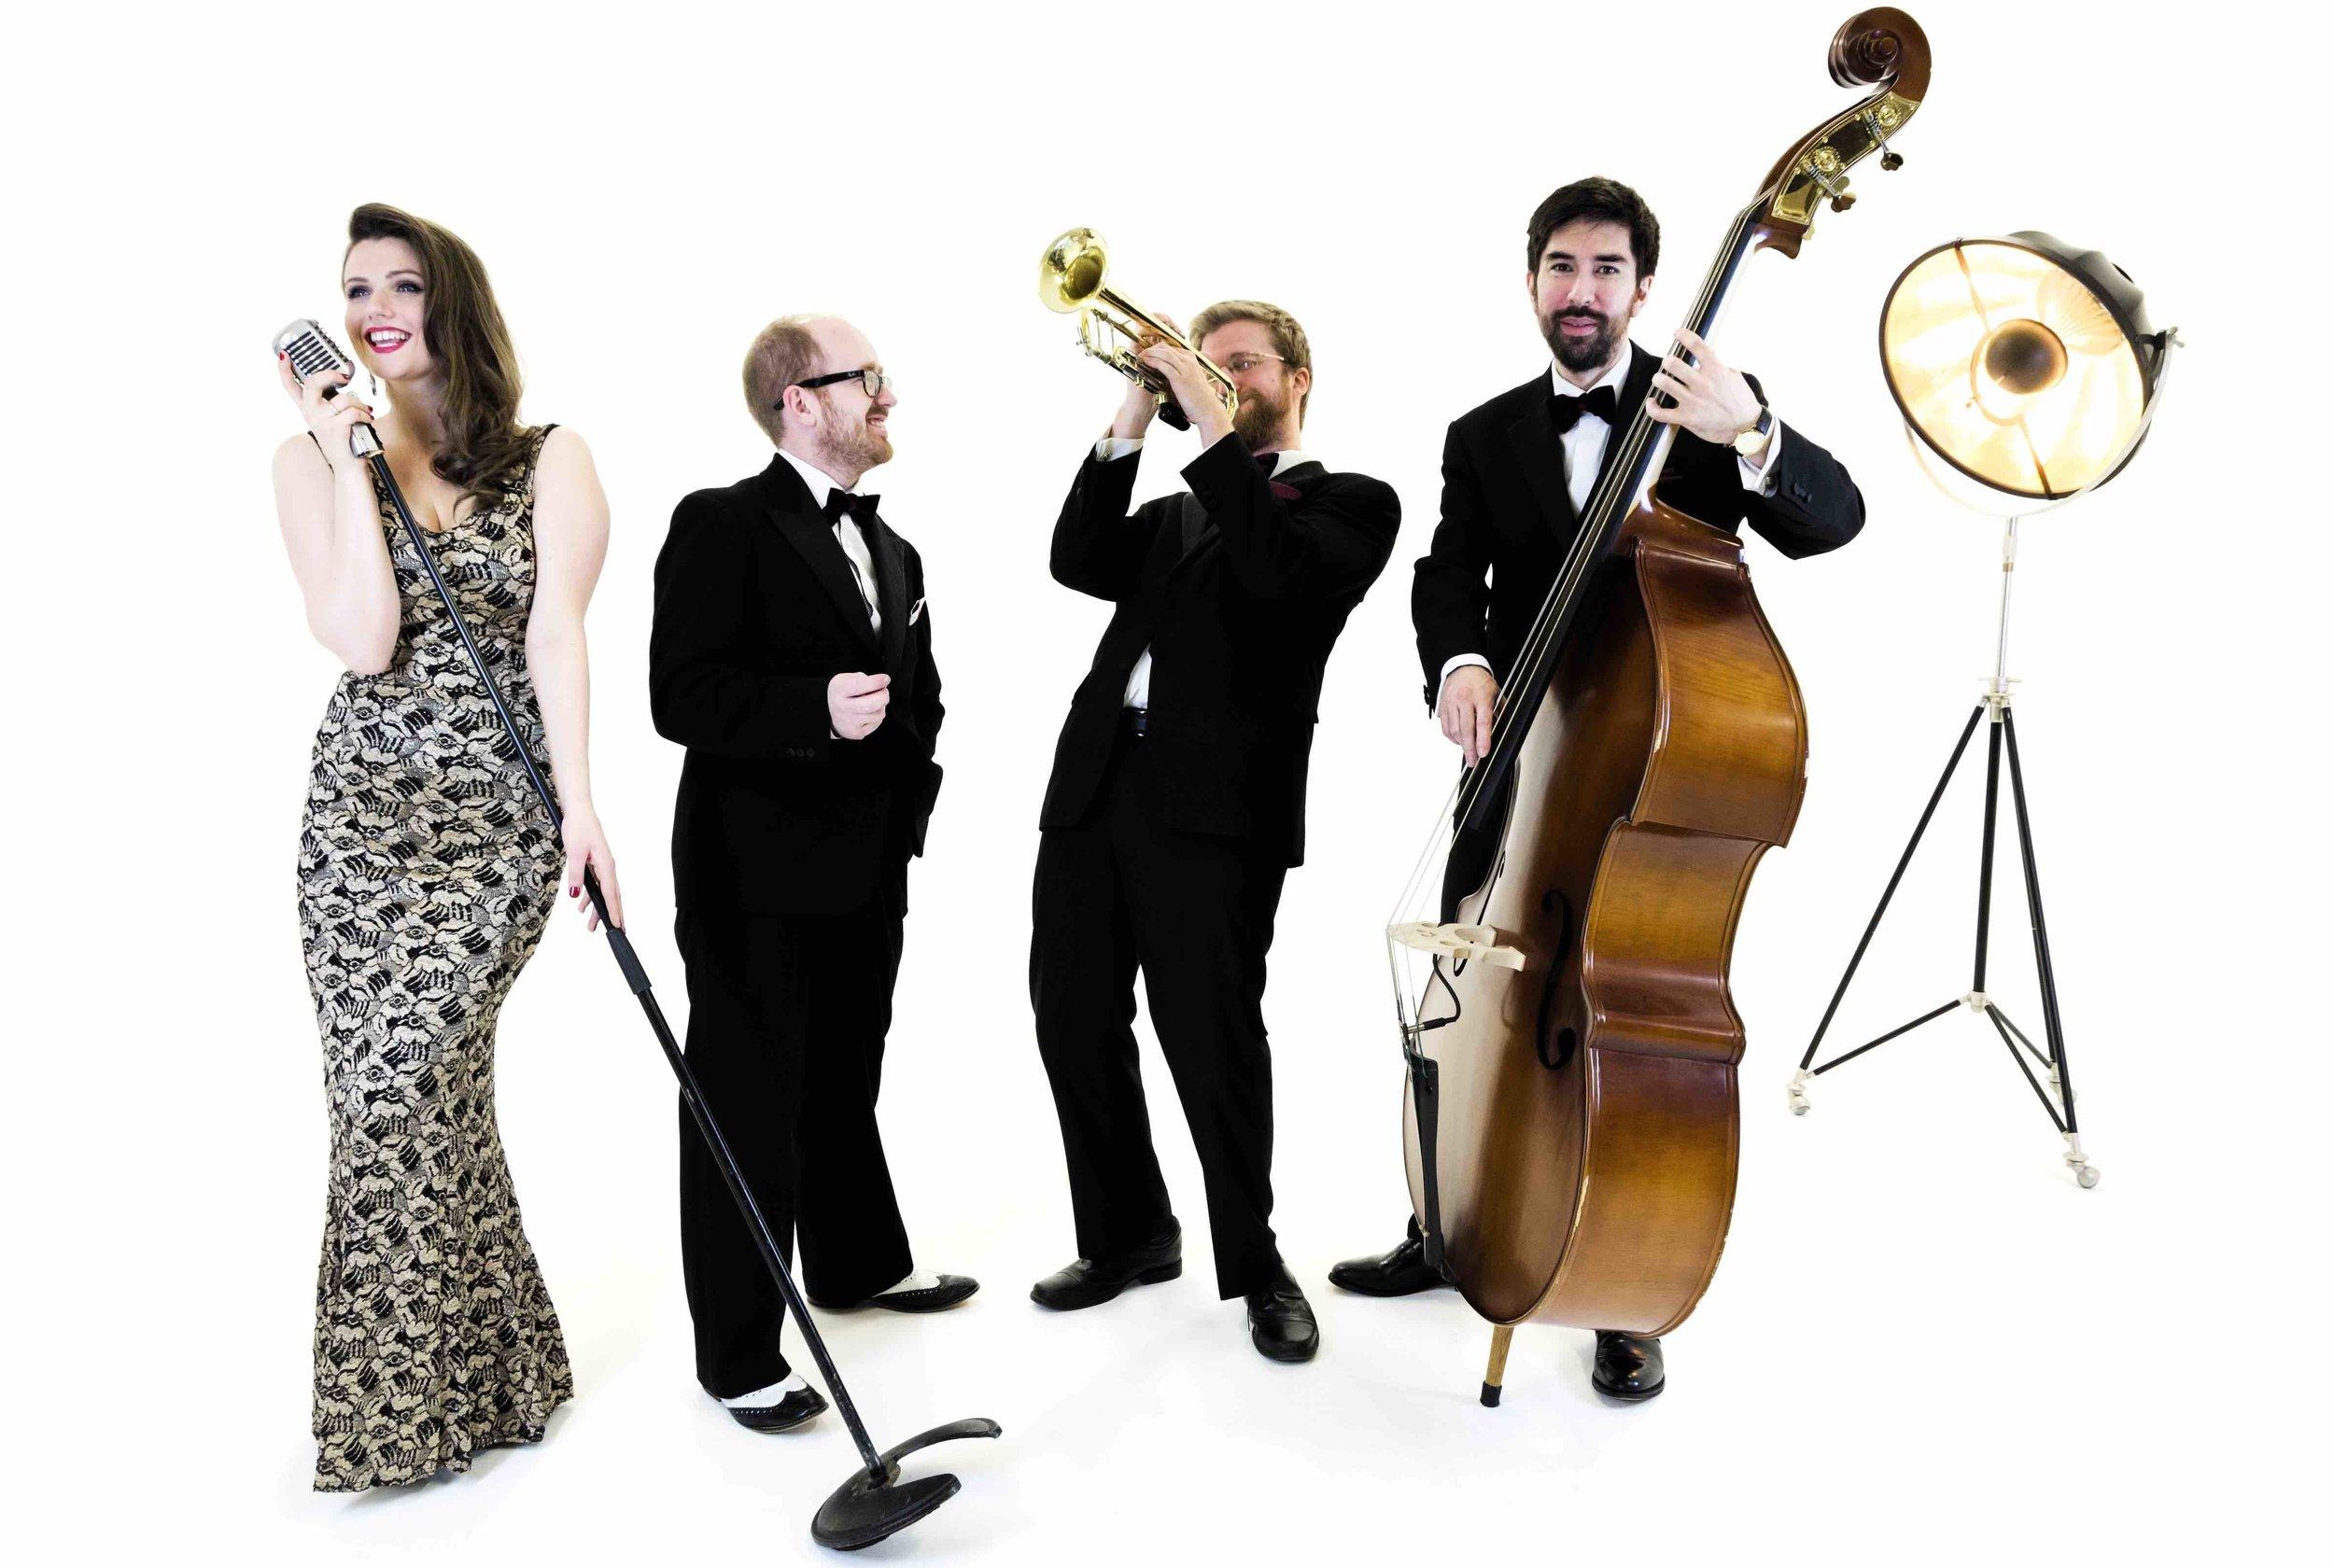 jazzband-3 C.jpg